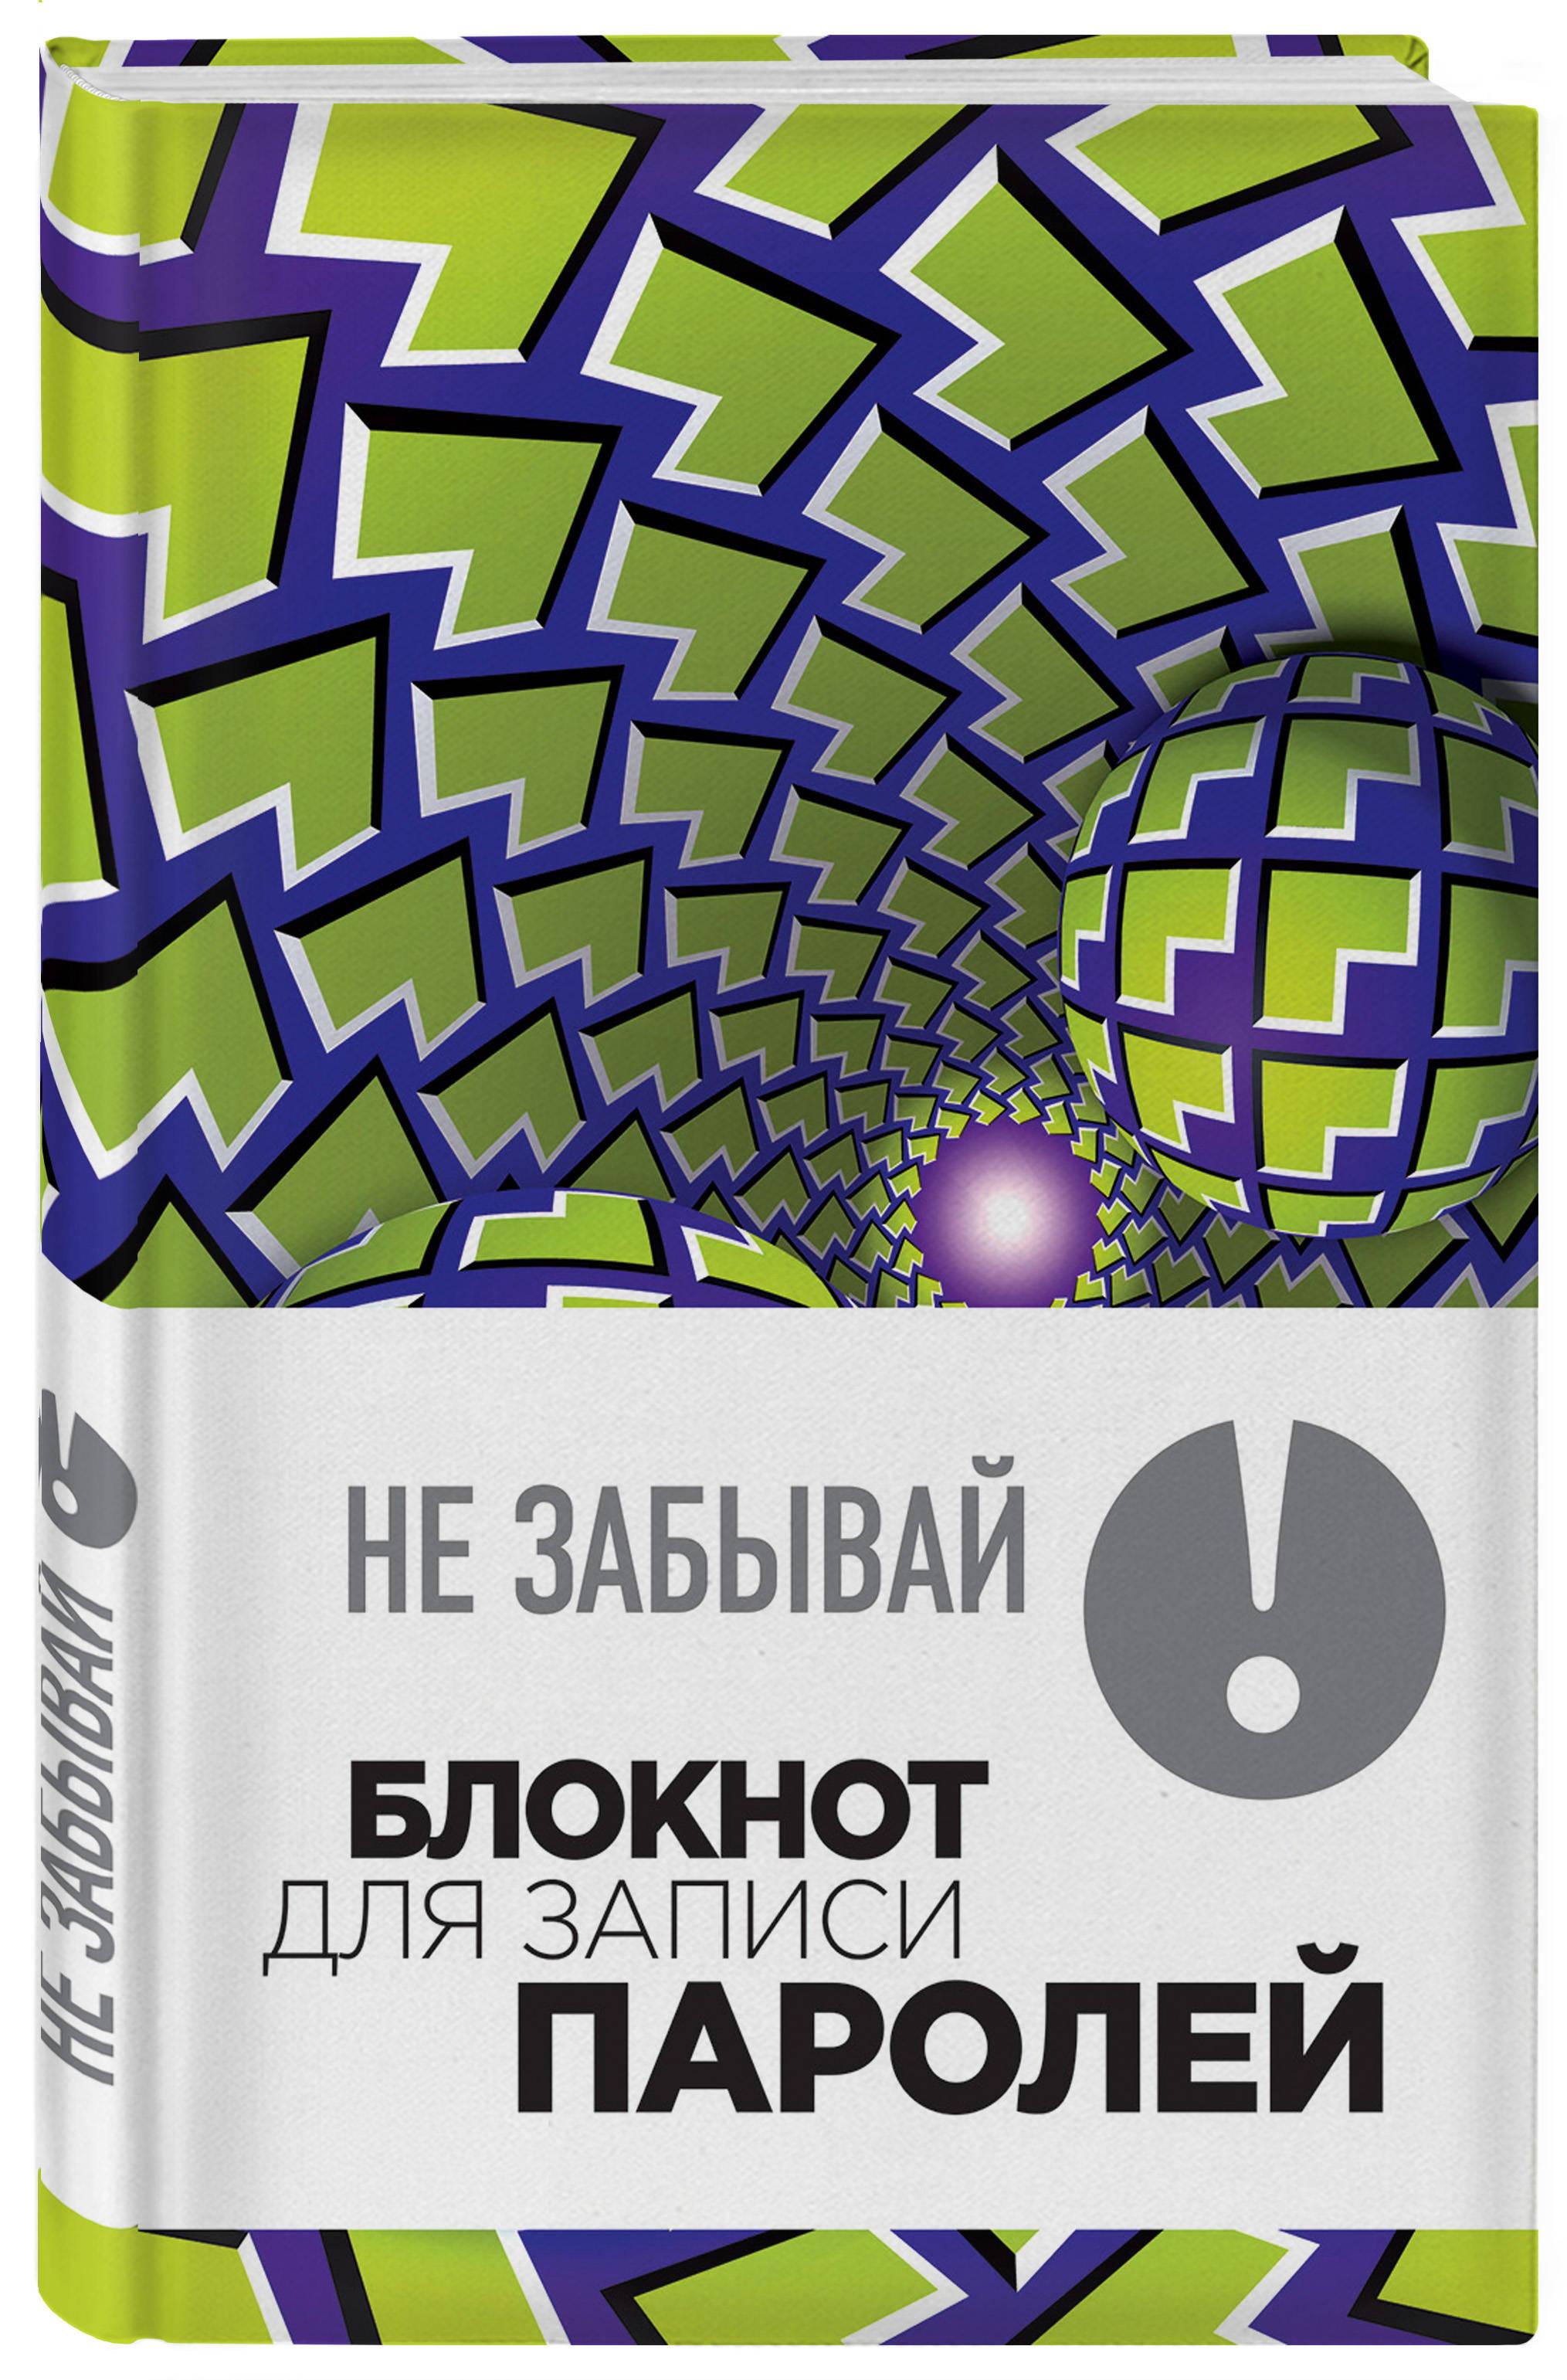 Не забывай! Книга для записи паролей. Зеленые шары